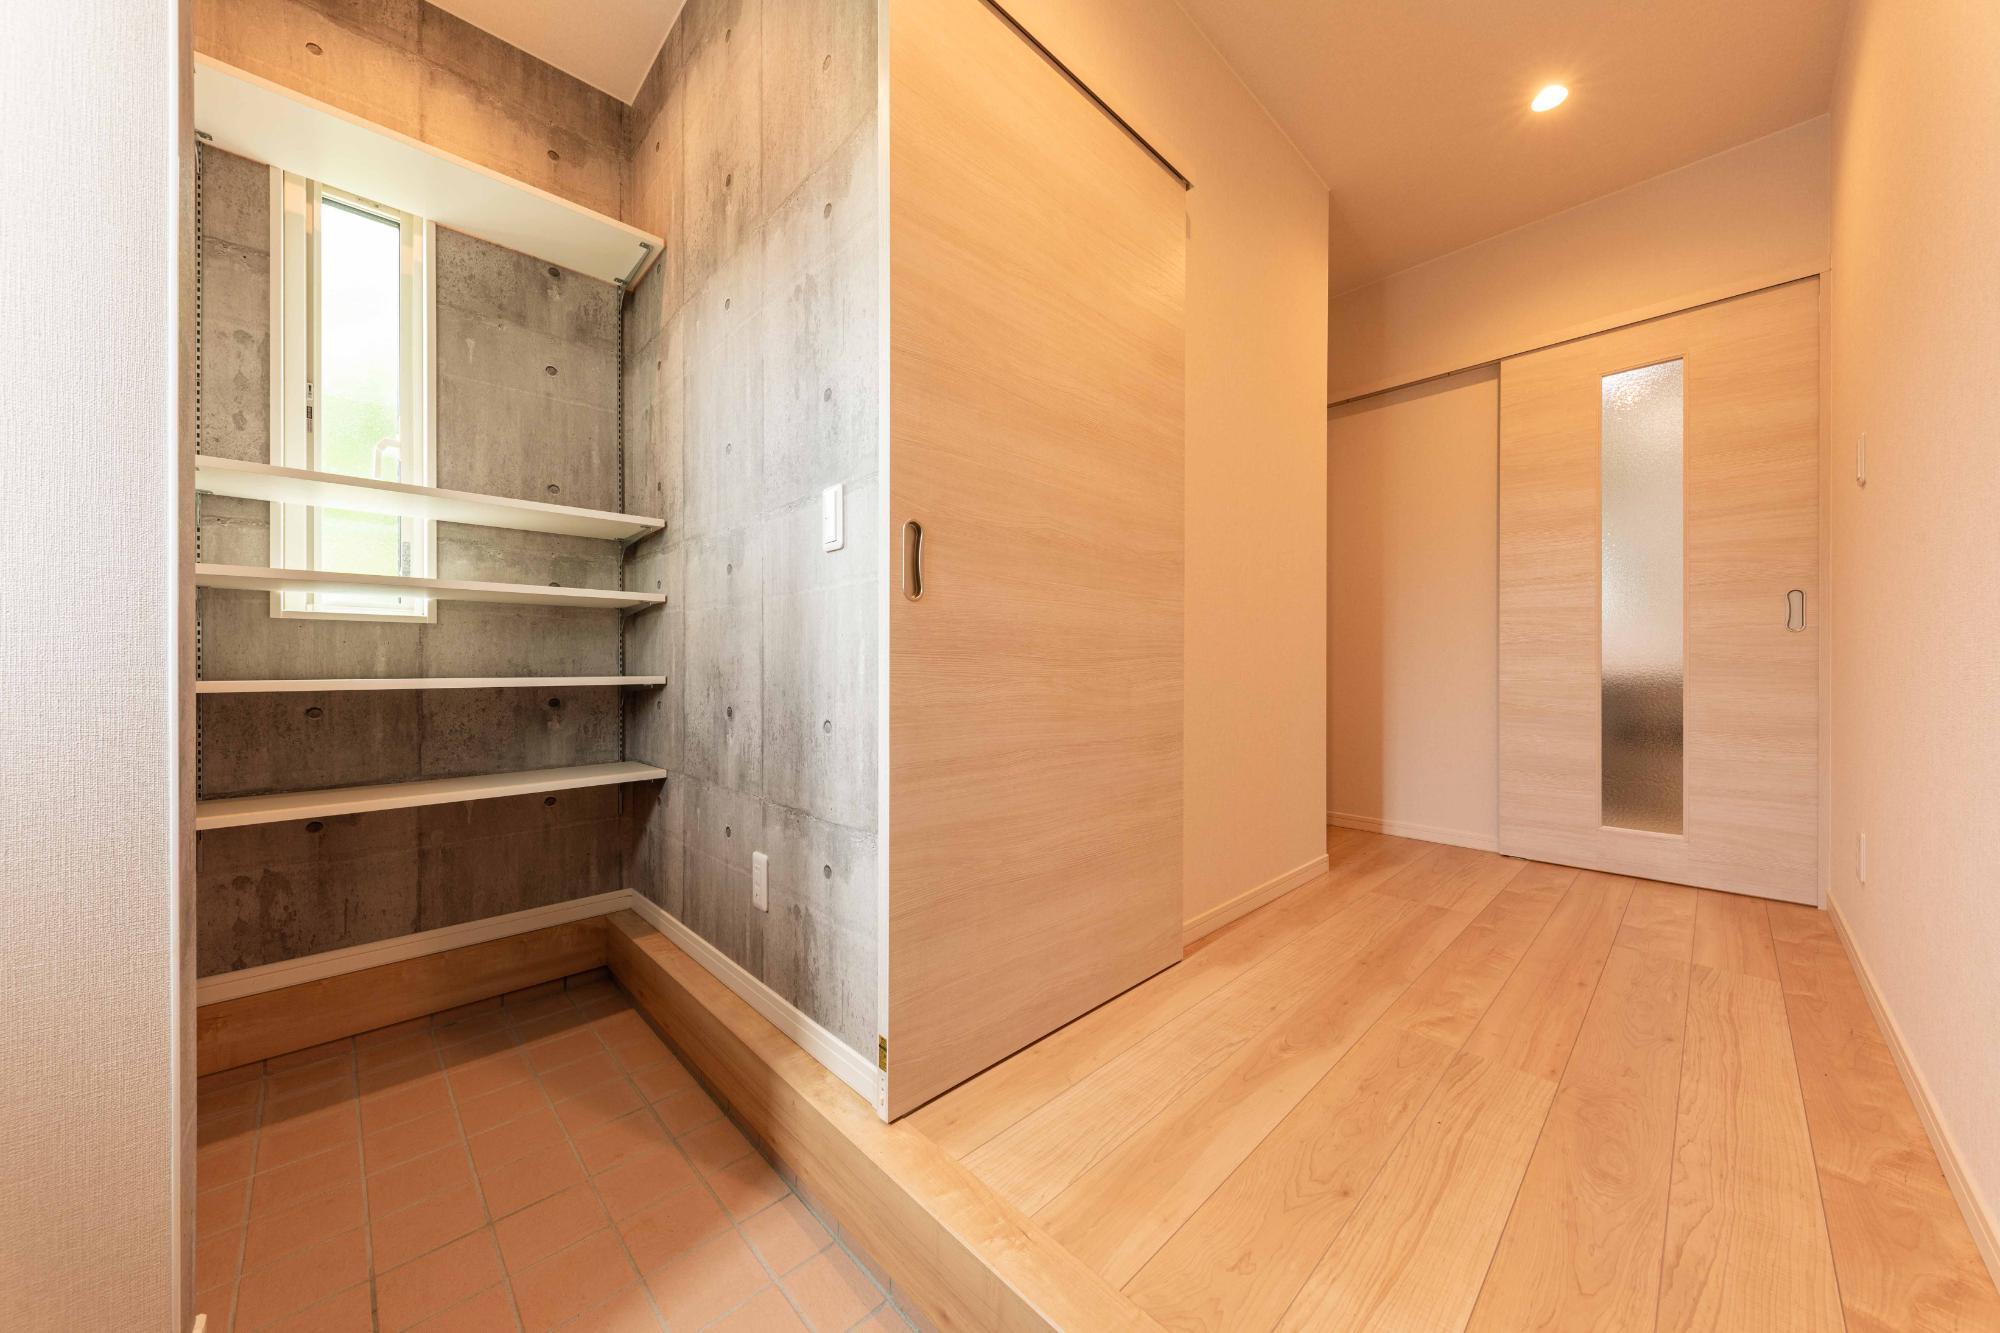 ロクワの家【株式会社 小野組 ライフビルダーグループ】「時間をつくる家」のシンプル・ナチュラルな玄関の実例写真